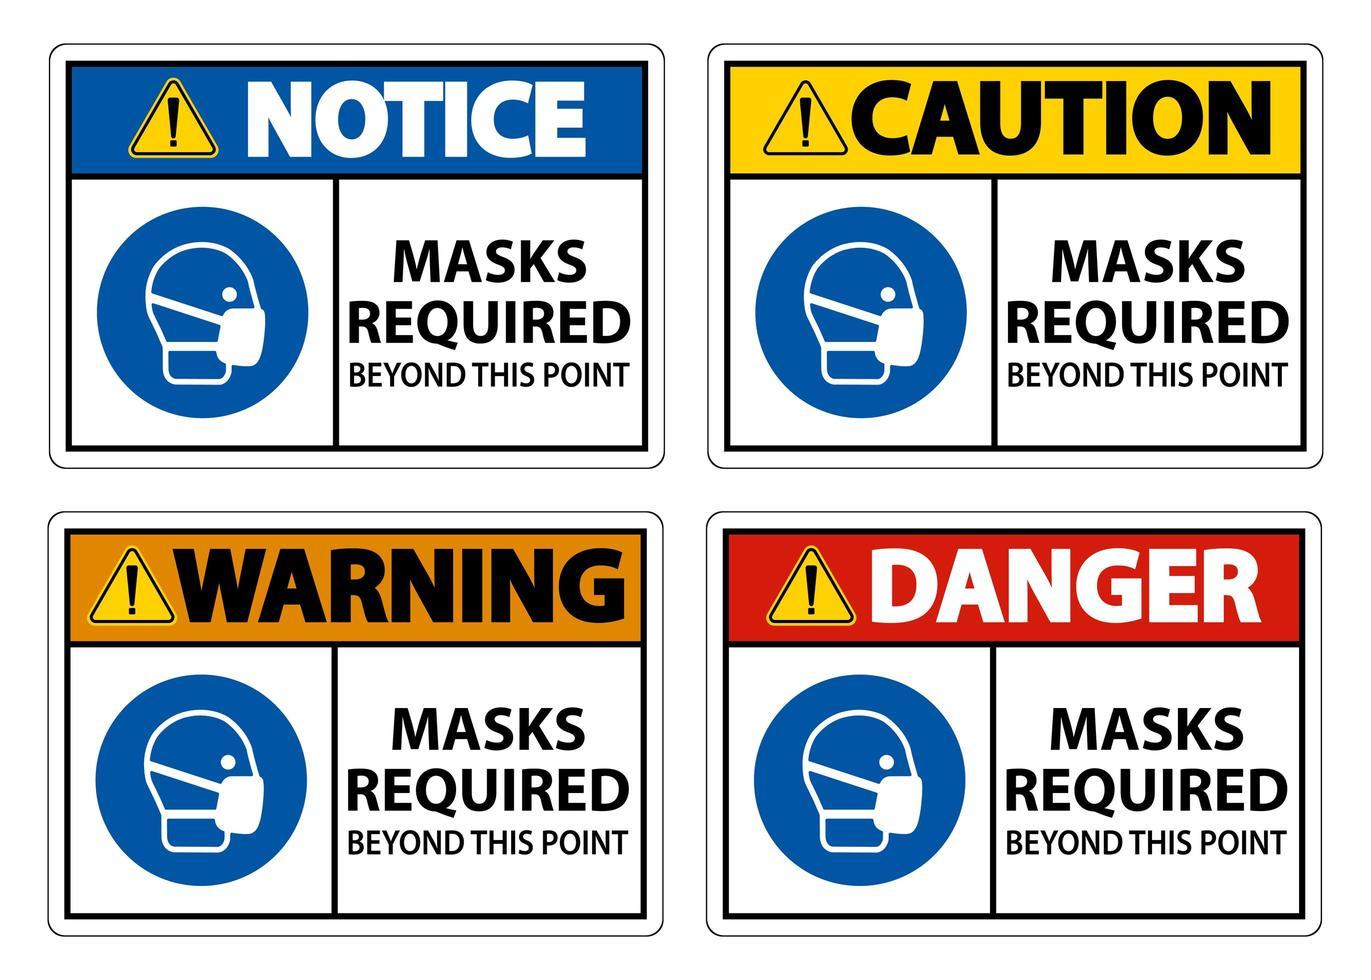 maschere richieste oltre questo punto segni vettore